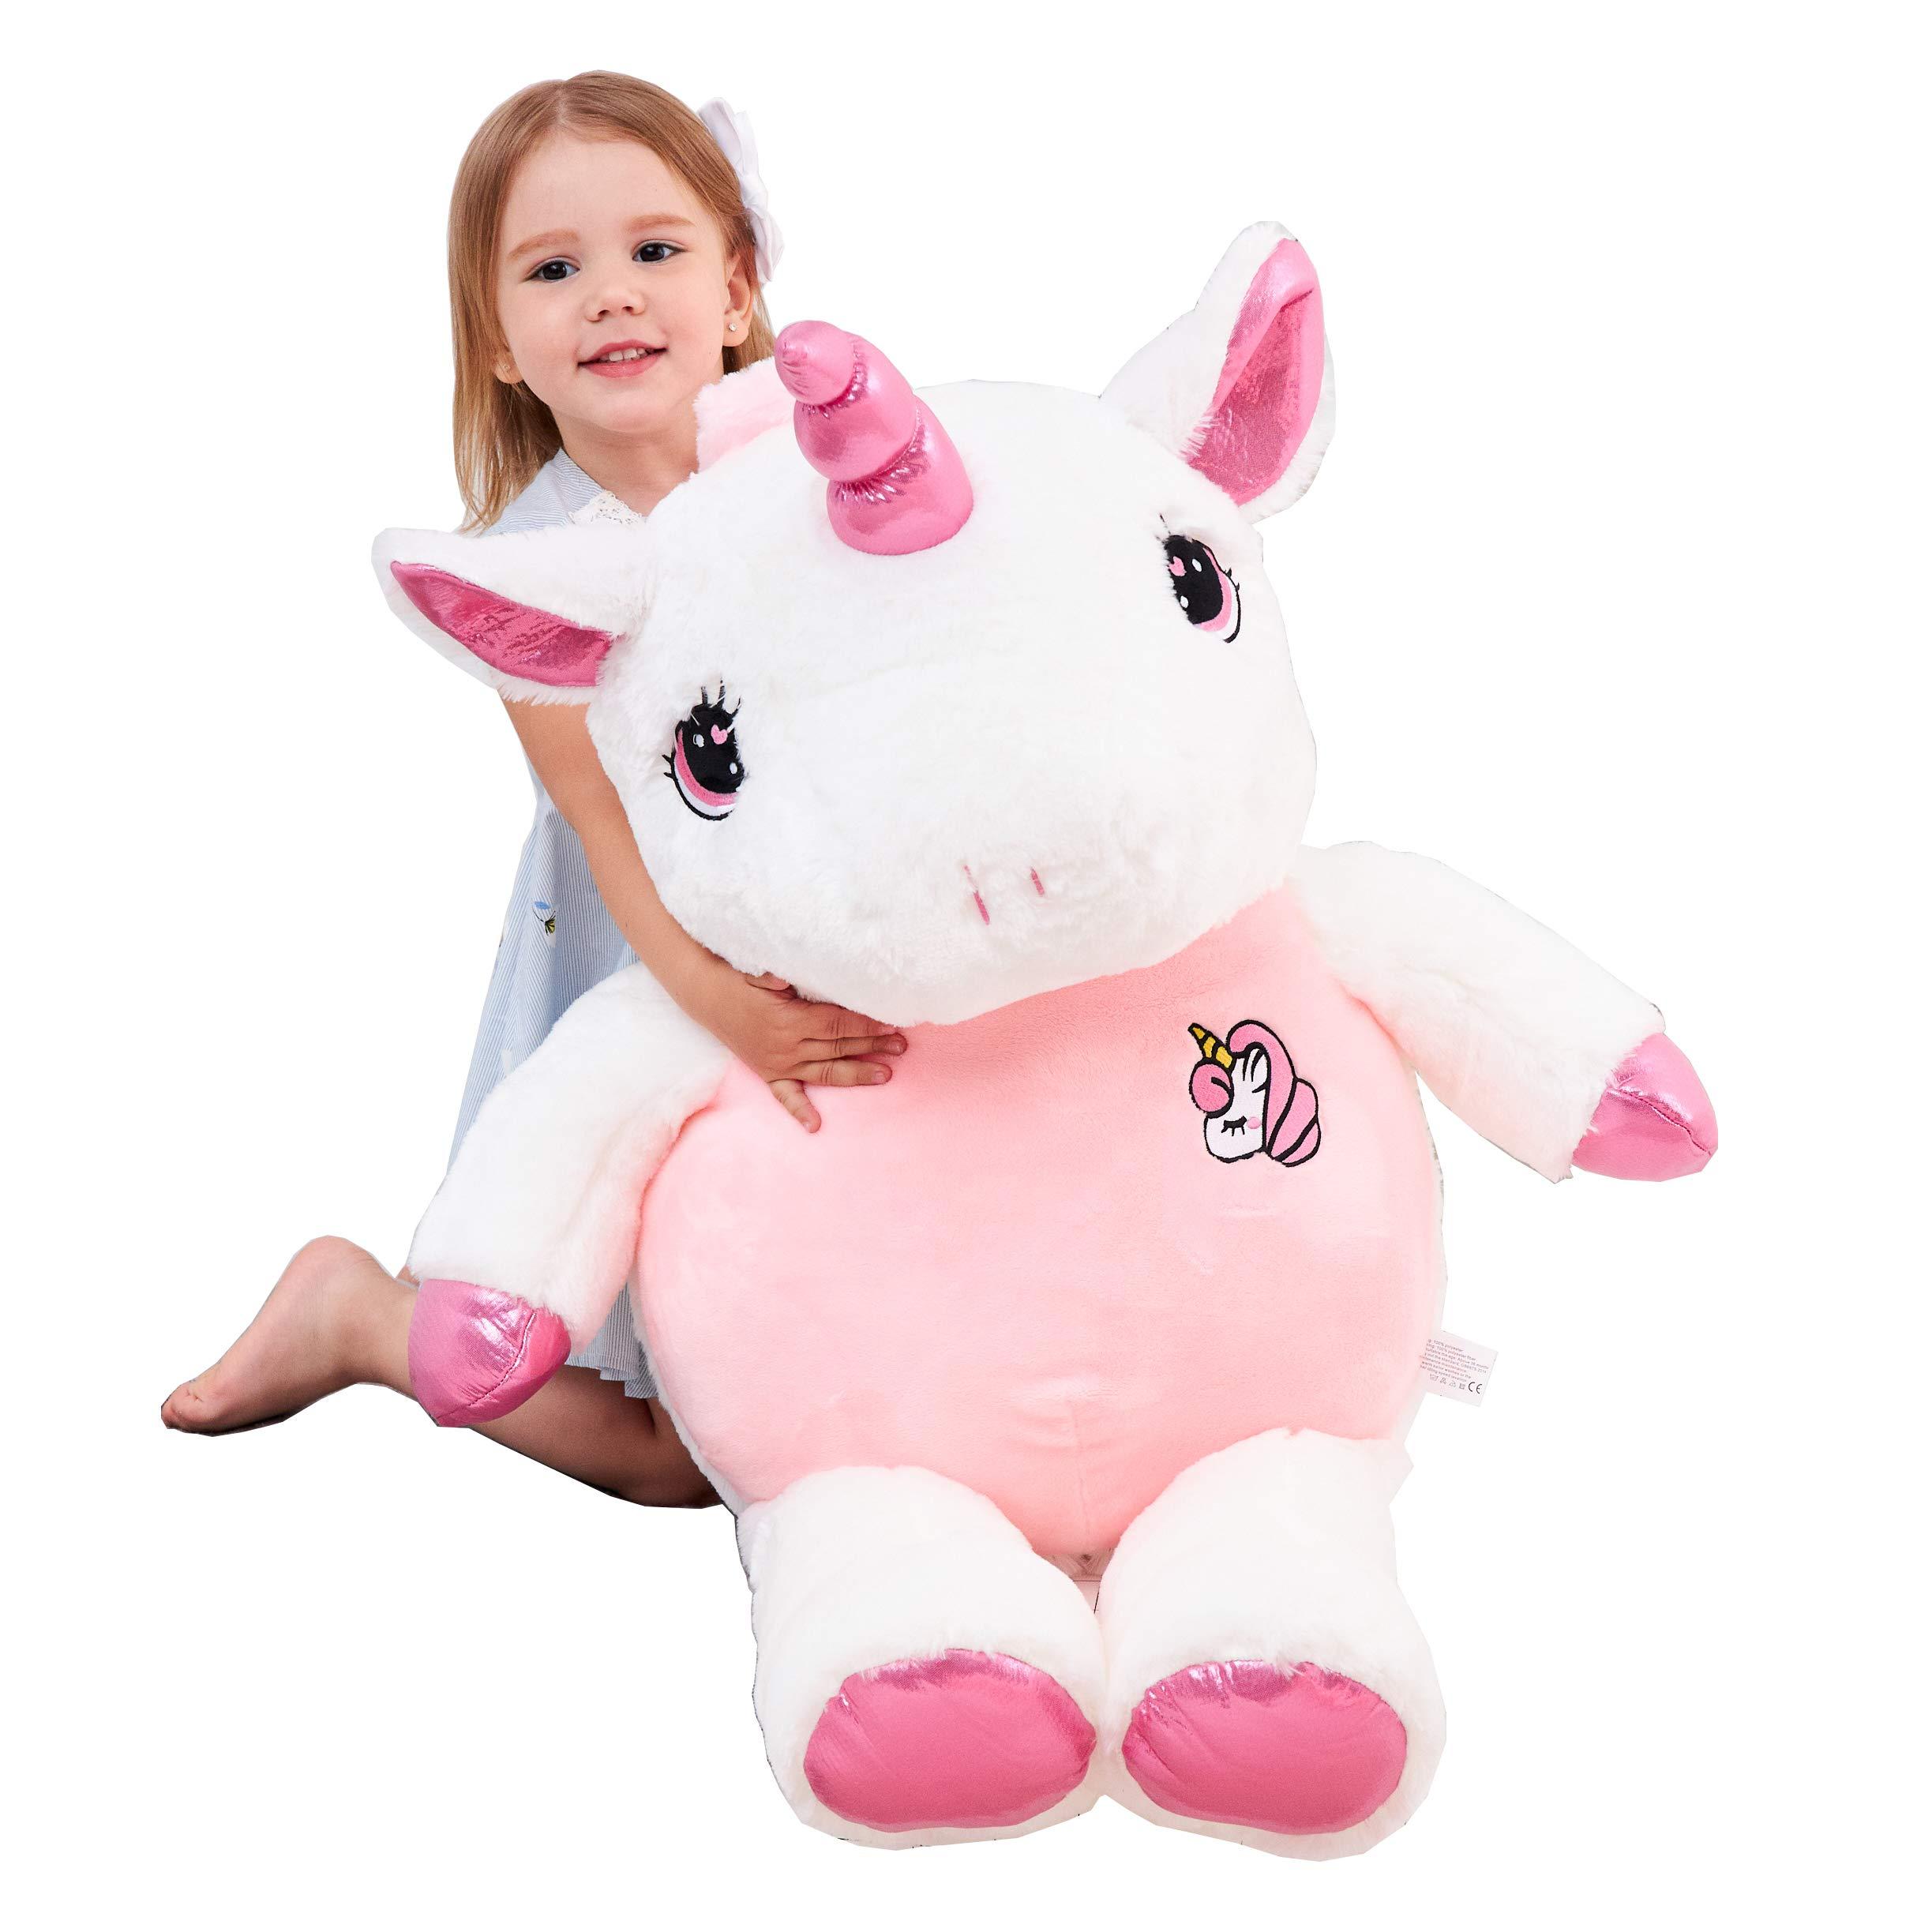 IKASA Giant Stuffed Unicorn Plush Toy Stuffed Animal Pink 39 inches by IKASA